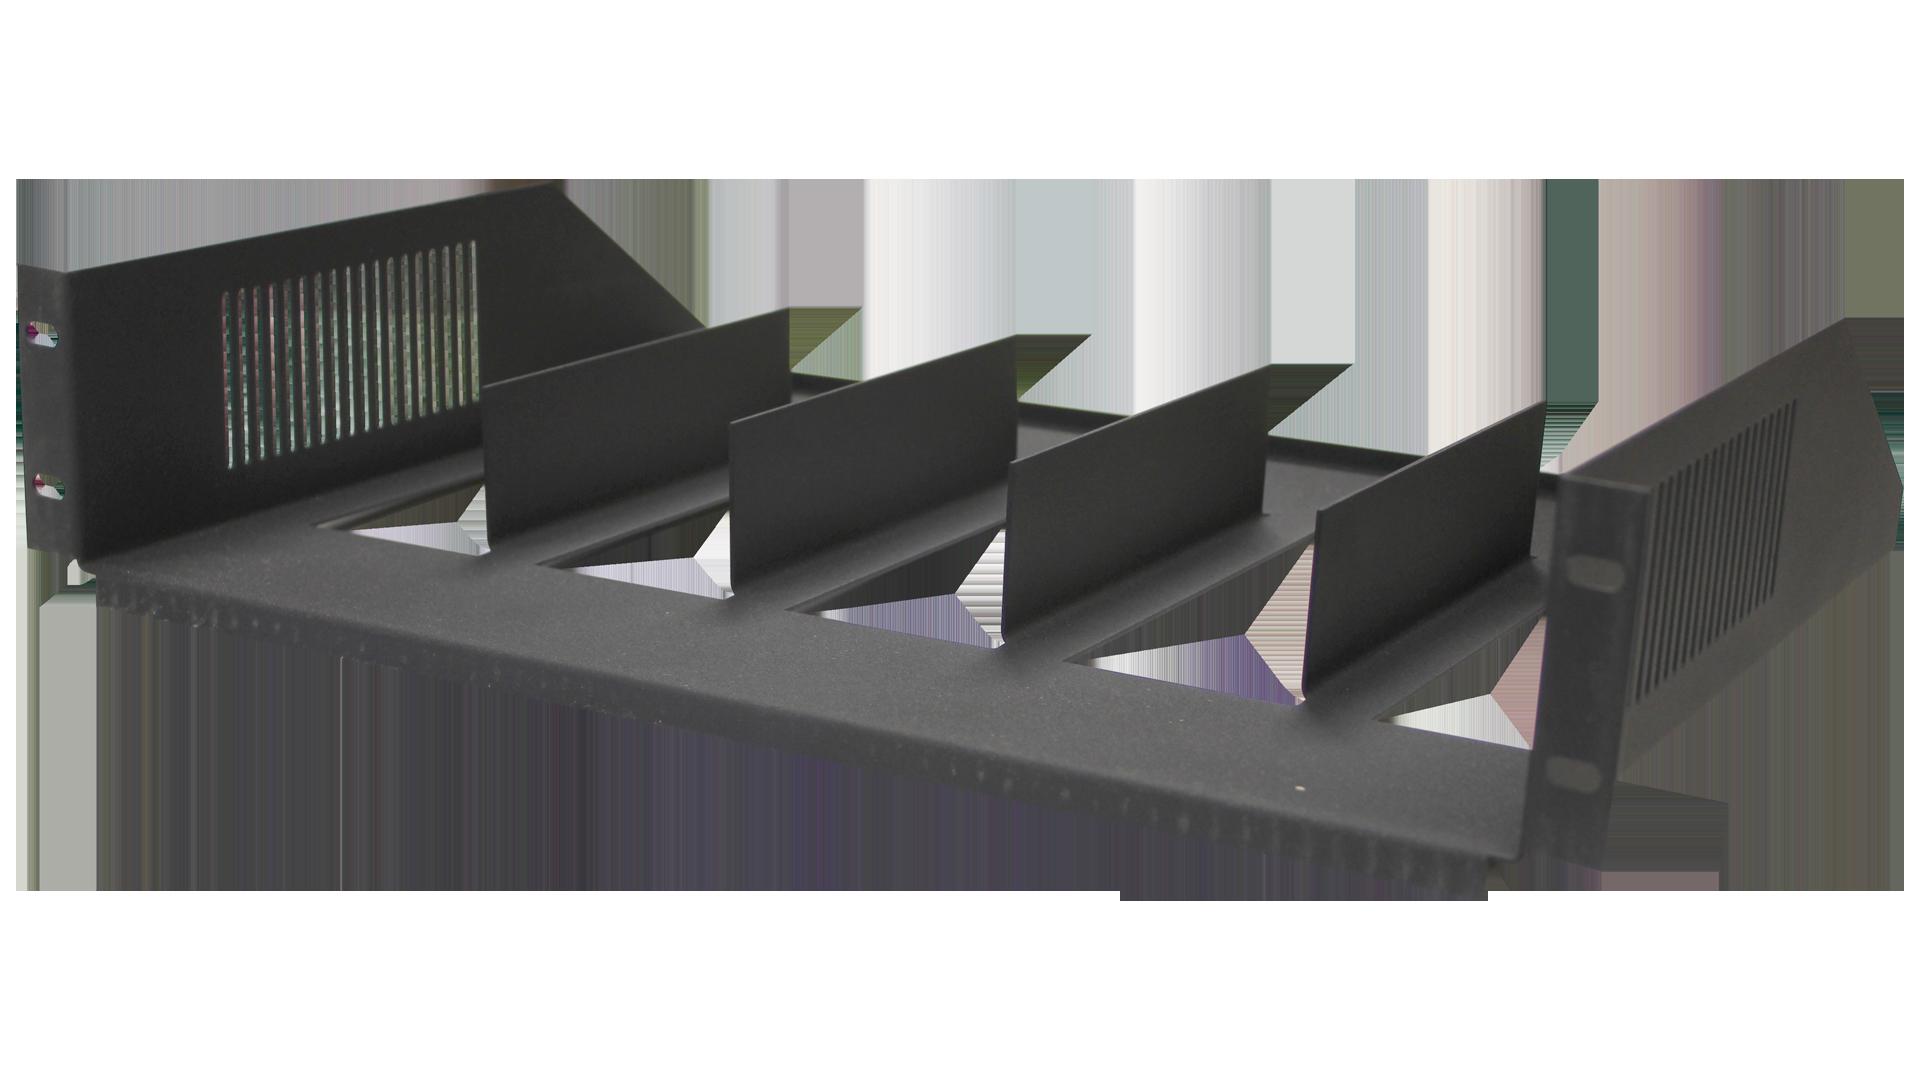 MOR-S5: Rack Mount Vertical Shelves